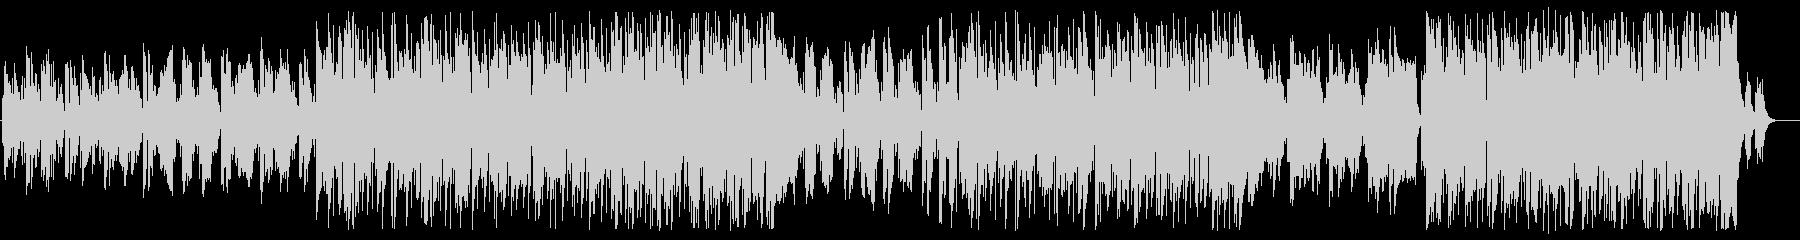 ミドルテンポのメランコリックなポップスの未再生の波形